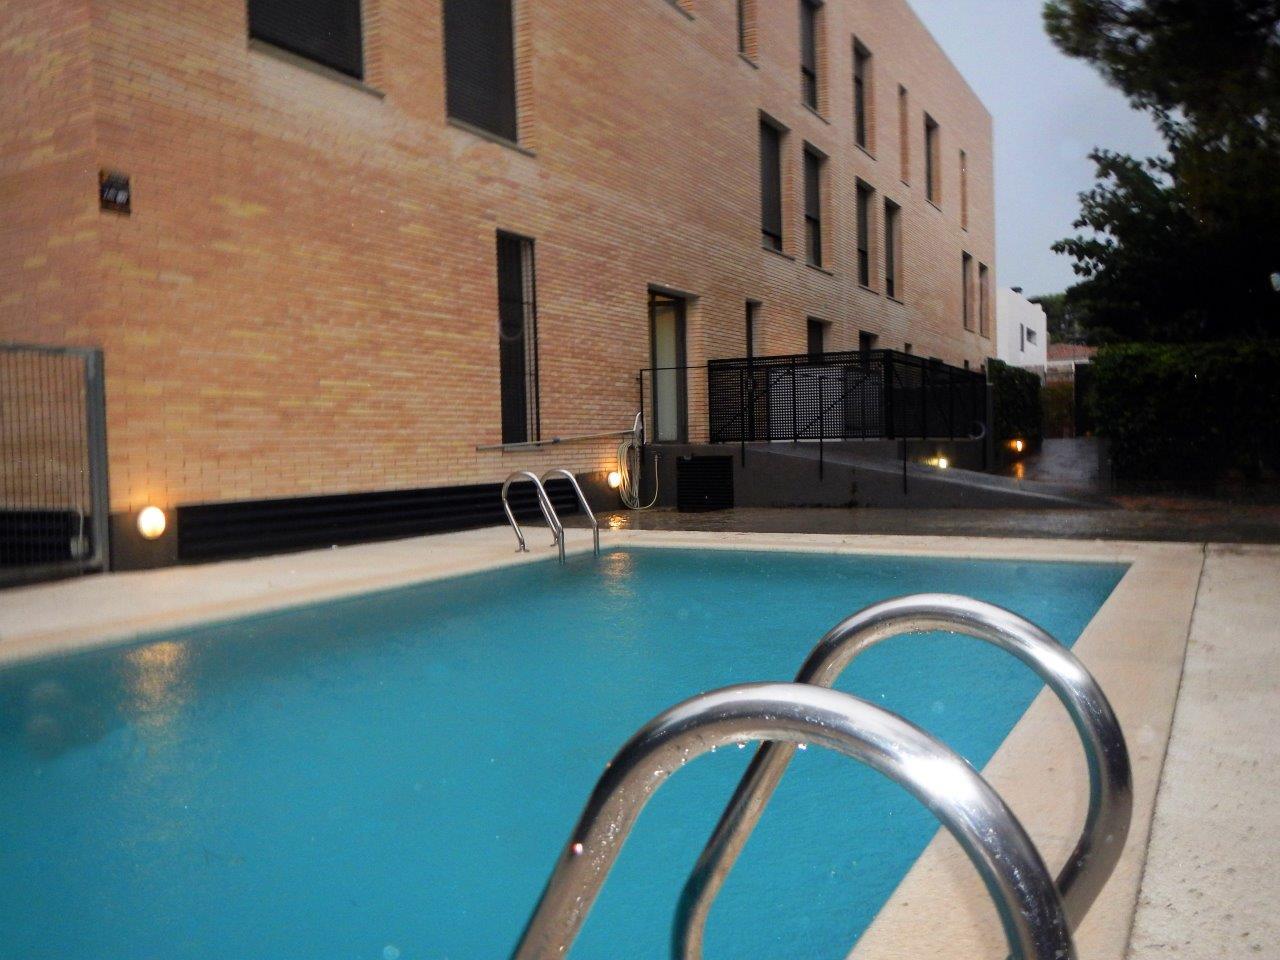 Jaume guasch gesti n inmobiliaria venta inmueble tico d plex con piscina comunitaria - Atico con piscina ...